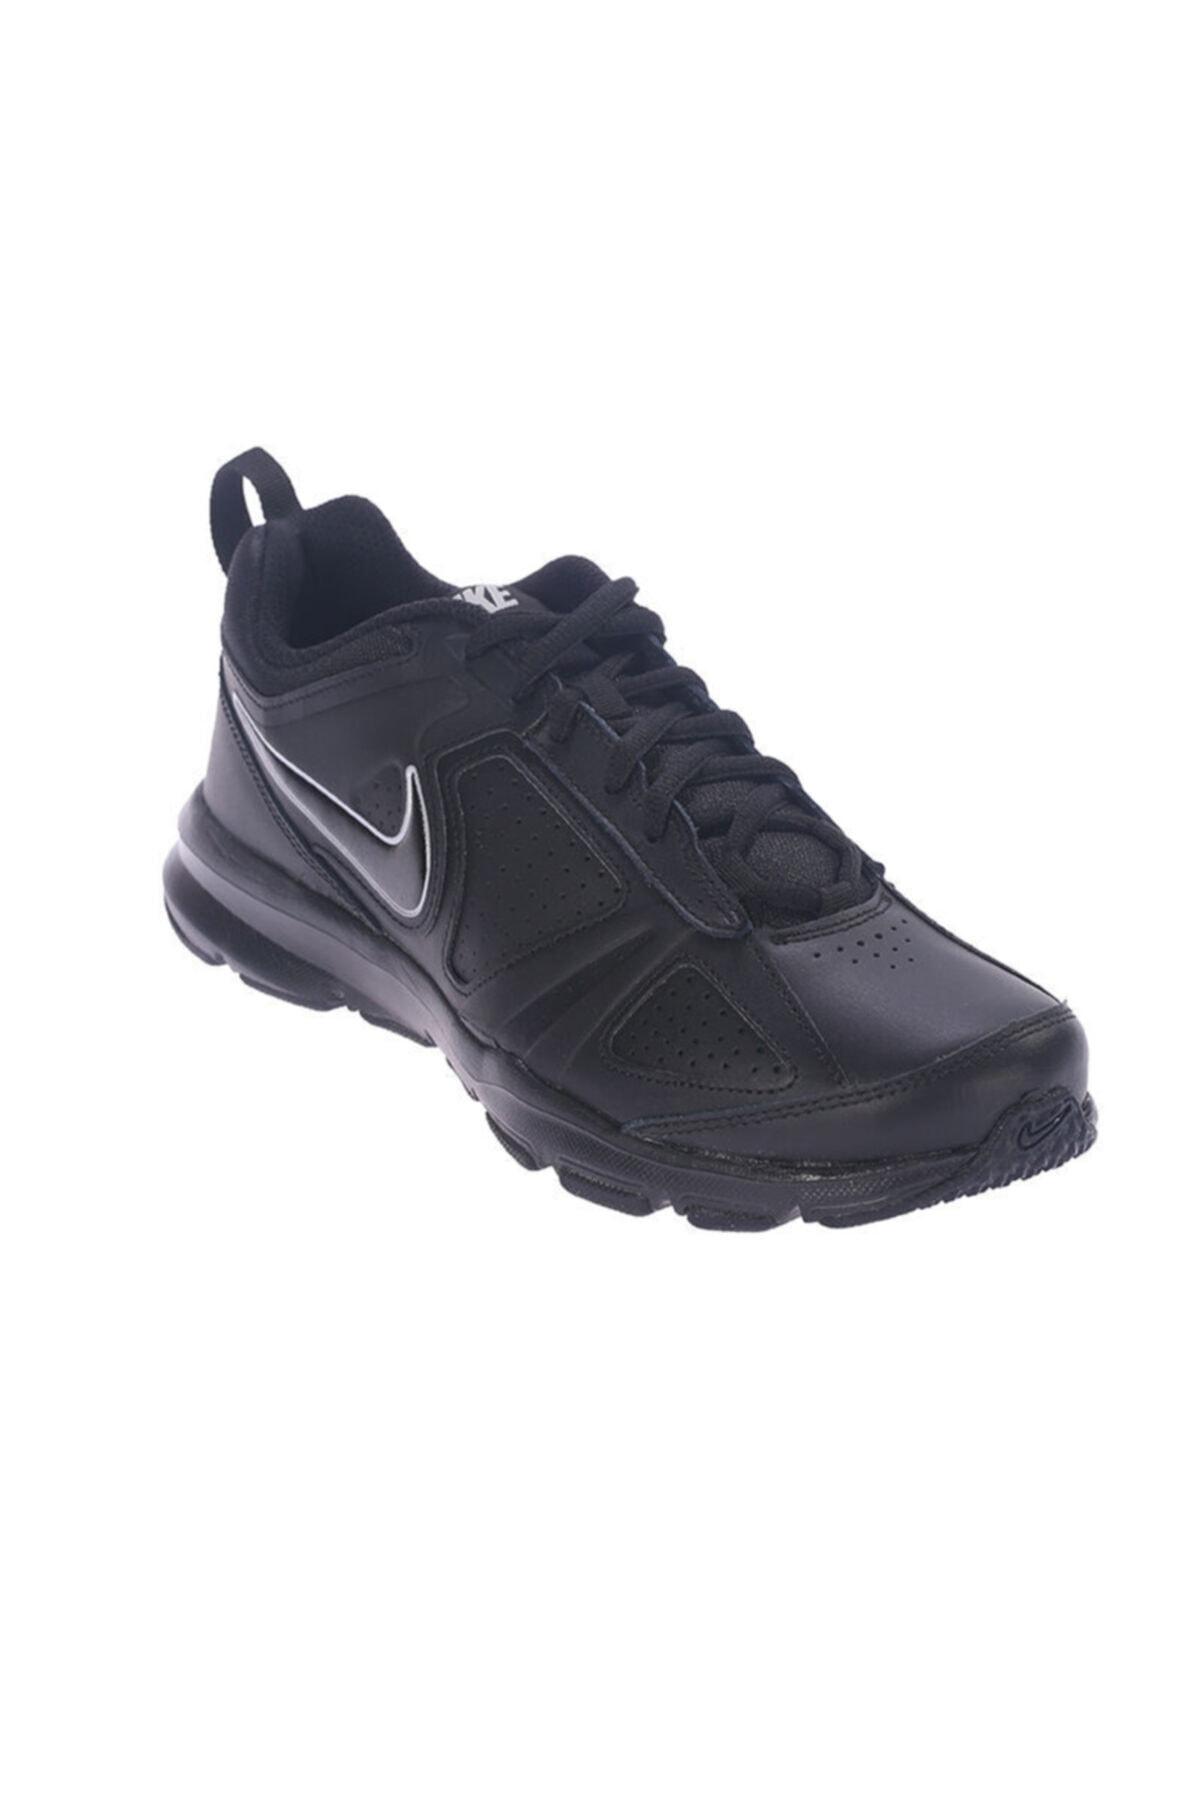 Nike 616544-007 T-lıte Xı Co Erkek Yürüyüş Ayakkabısı 2